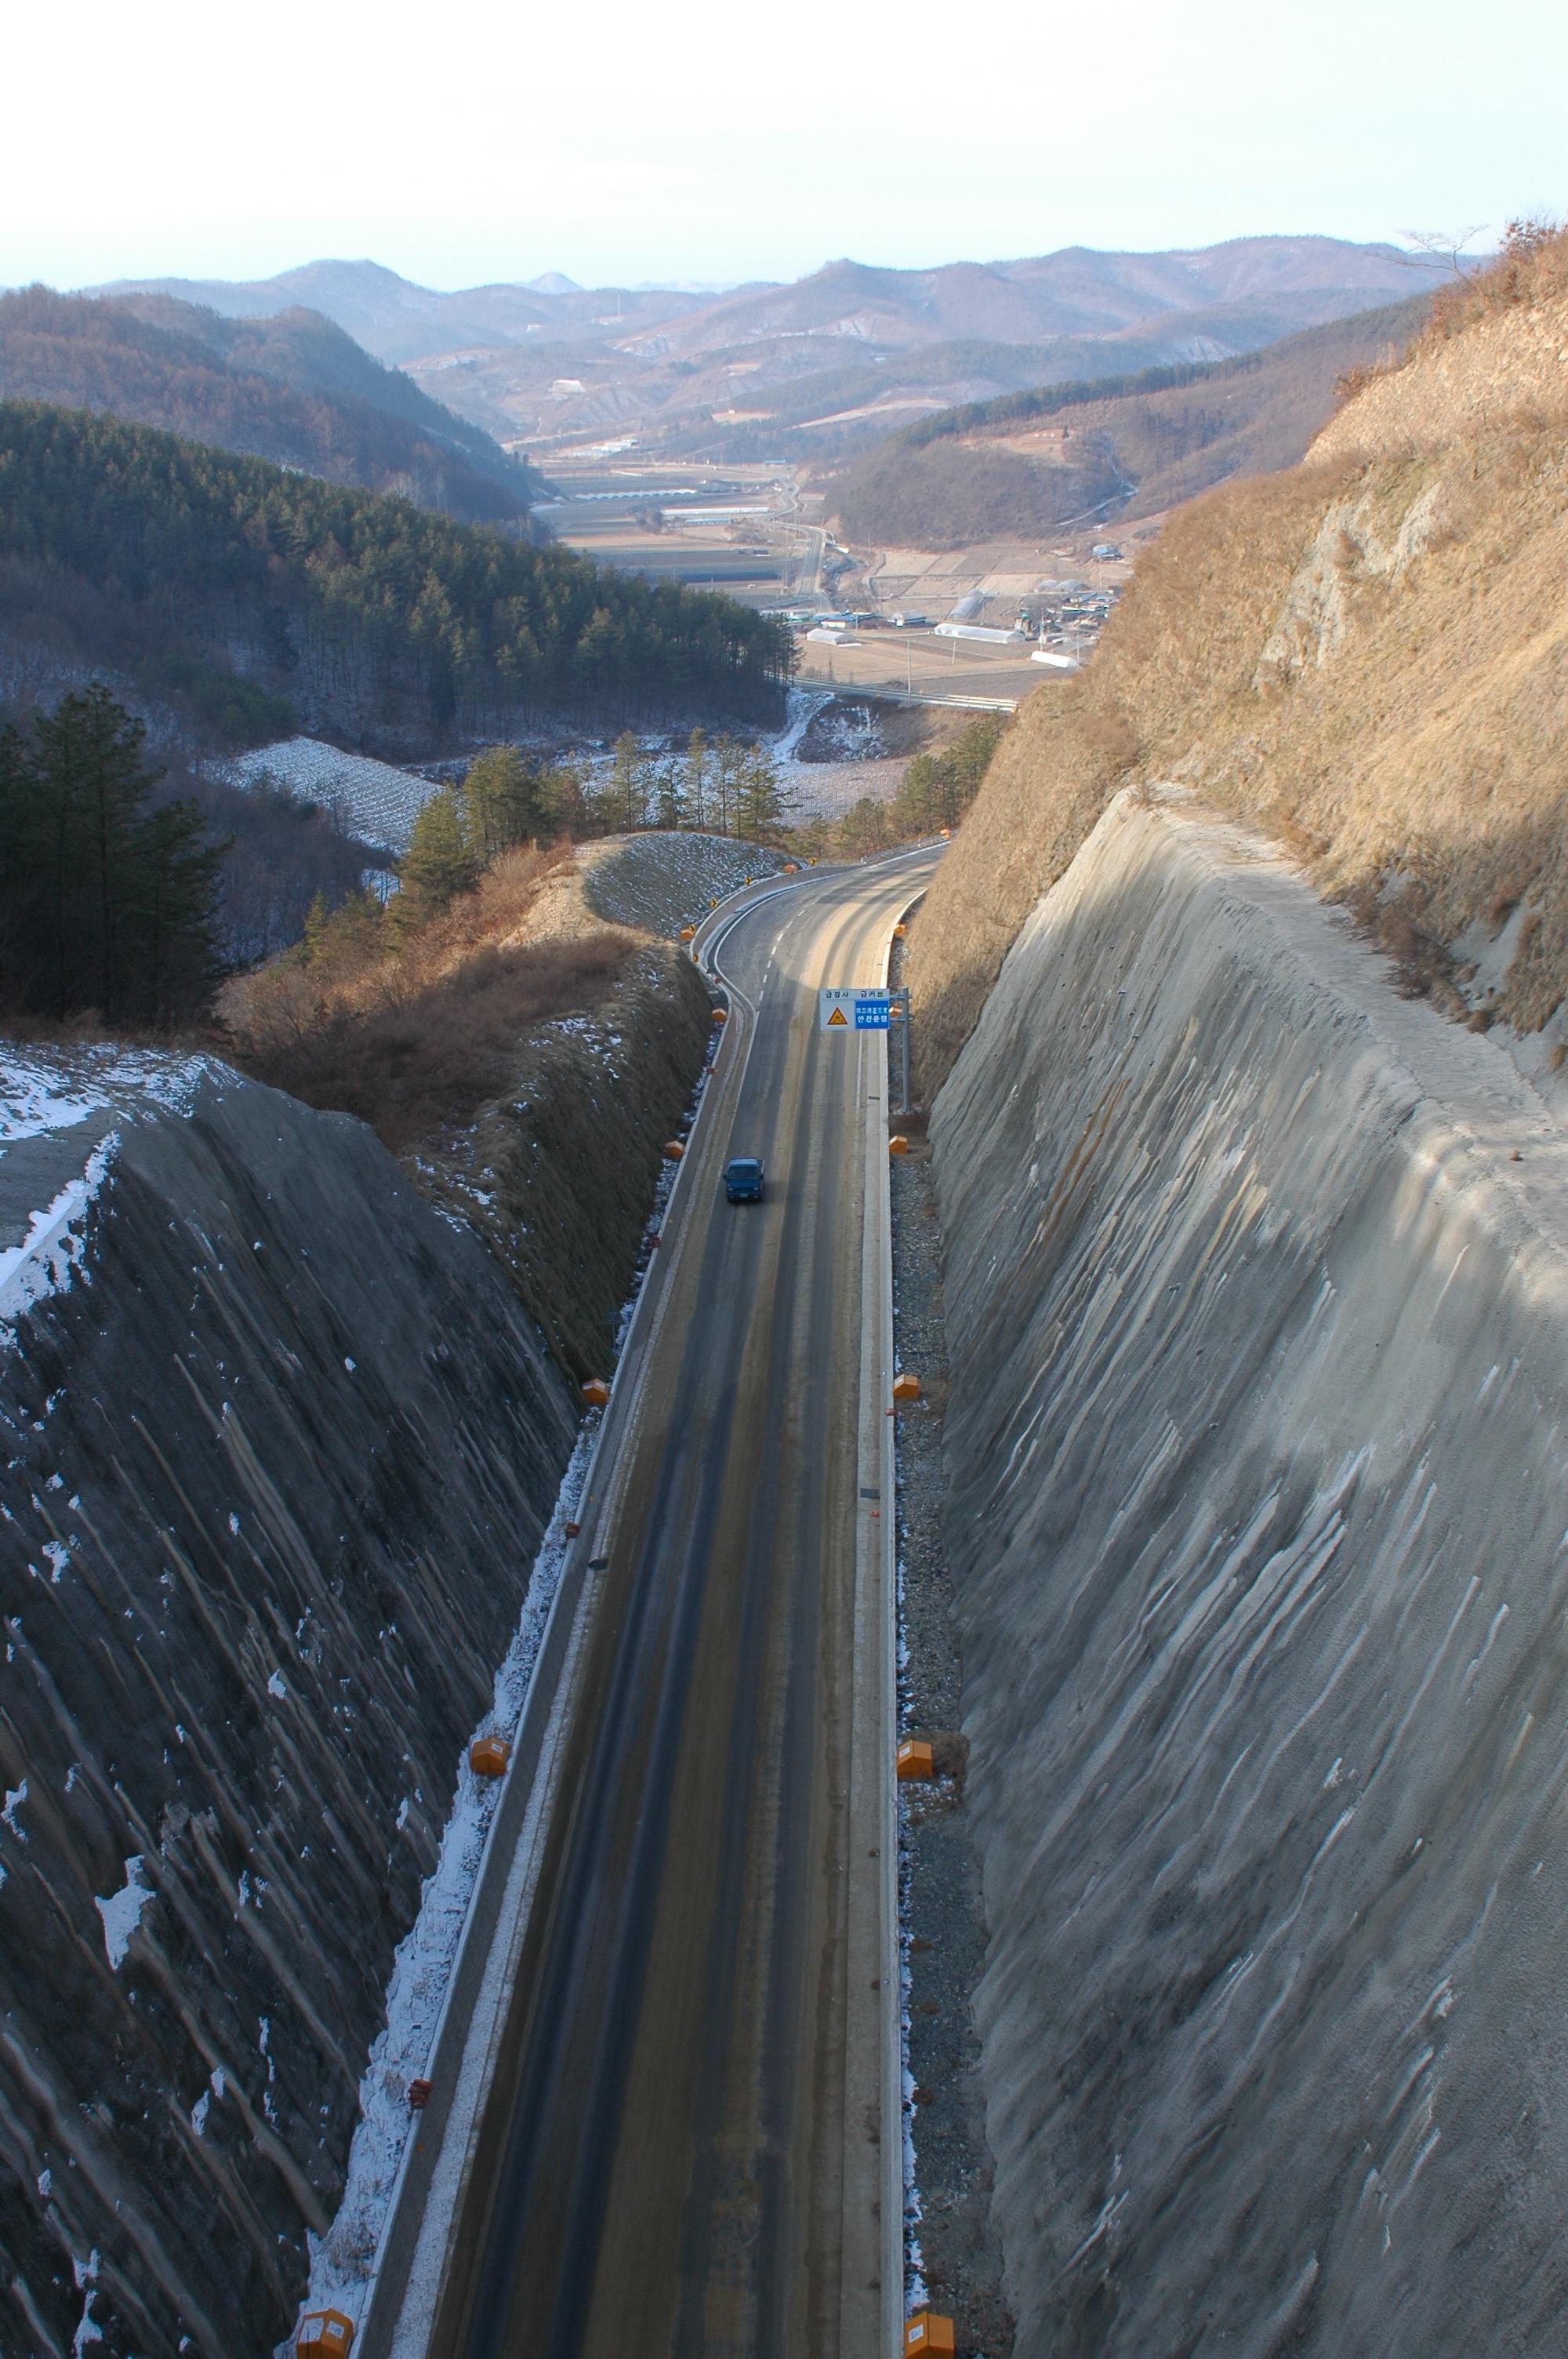 호남정맥이 지나는 전북 장수군 장수읍 수분리의 실고개를 관통하는 도로, 절개지가 생태계를 완전히 단절시킬 만큼 대규모 훼손을 낳았다.[사진 녹색연합]